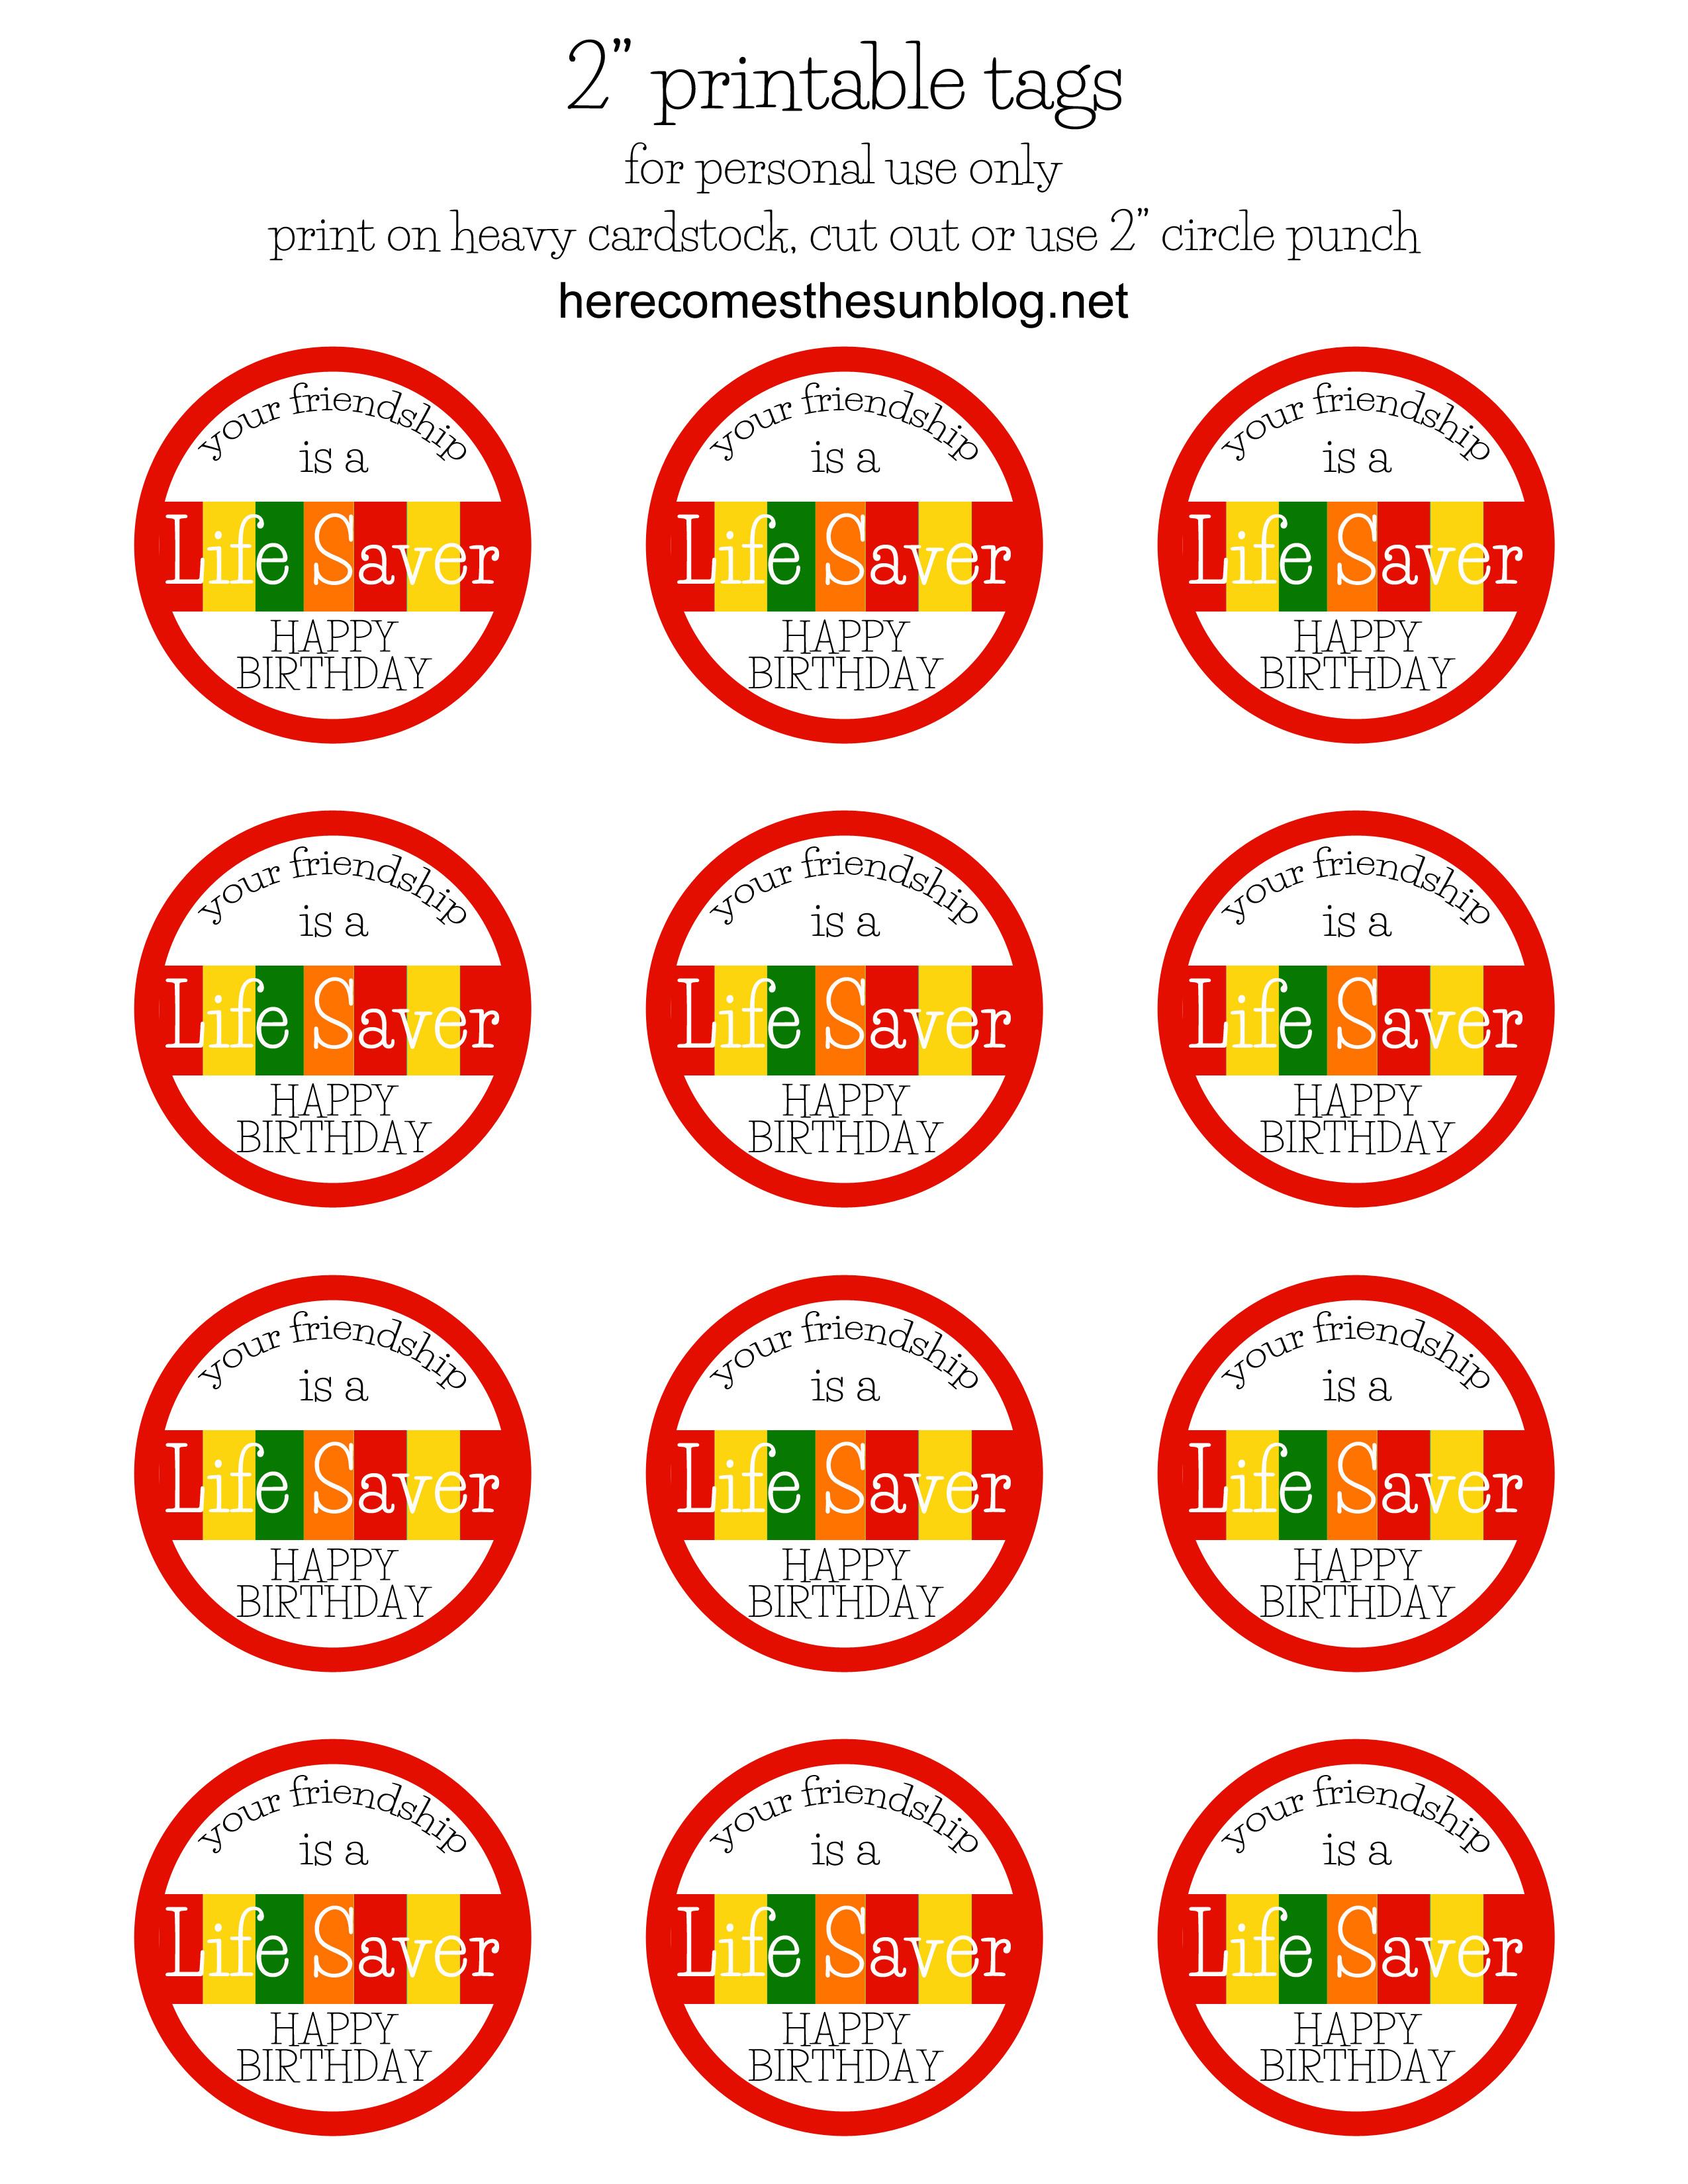 Free Printable Lifesaver Tags - All Free Tag Designs - Free Printable Lifesaver Tags